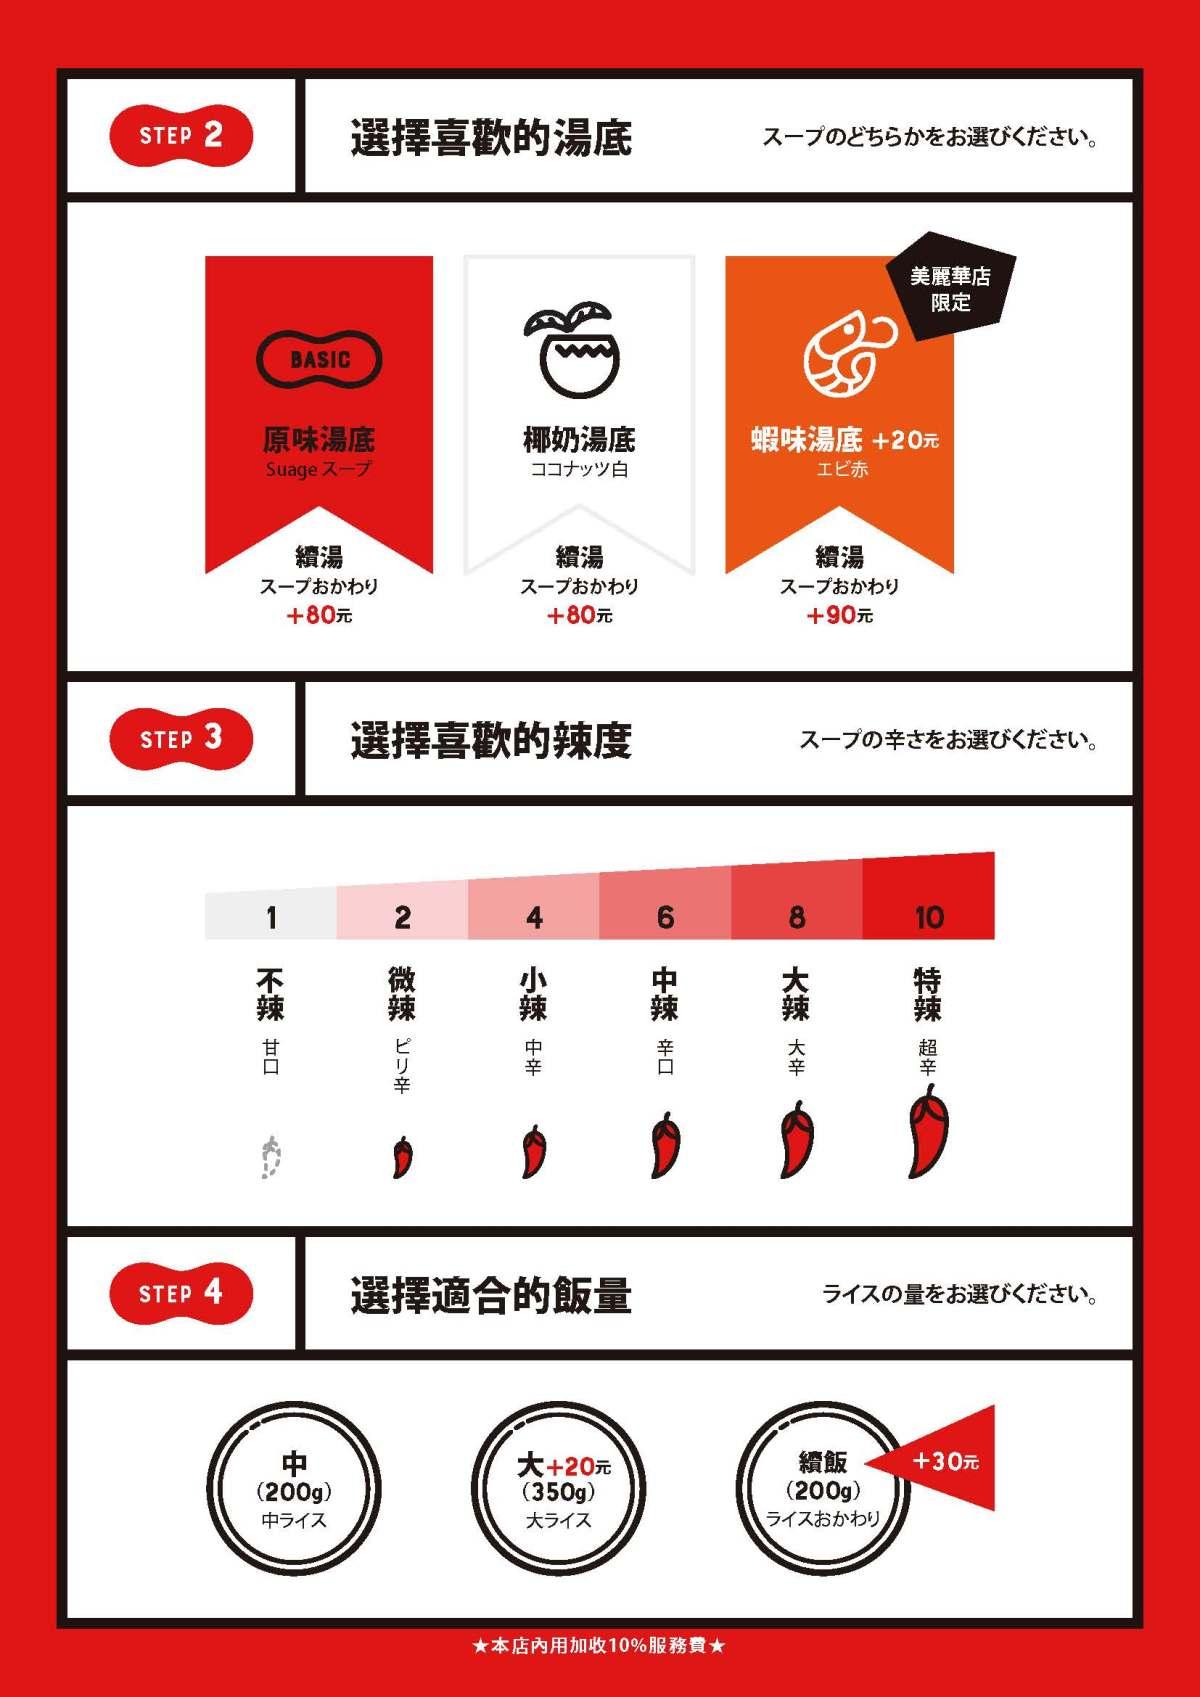 2110suage MENU中日 美麗華店0928new 頁面 5